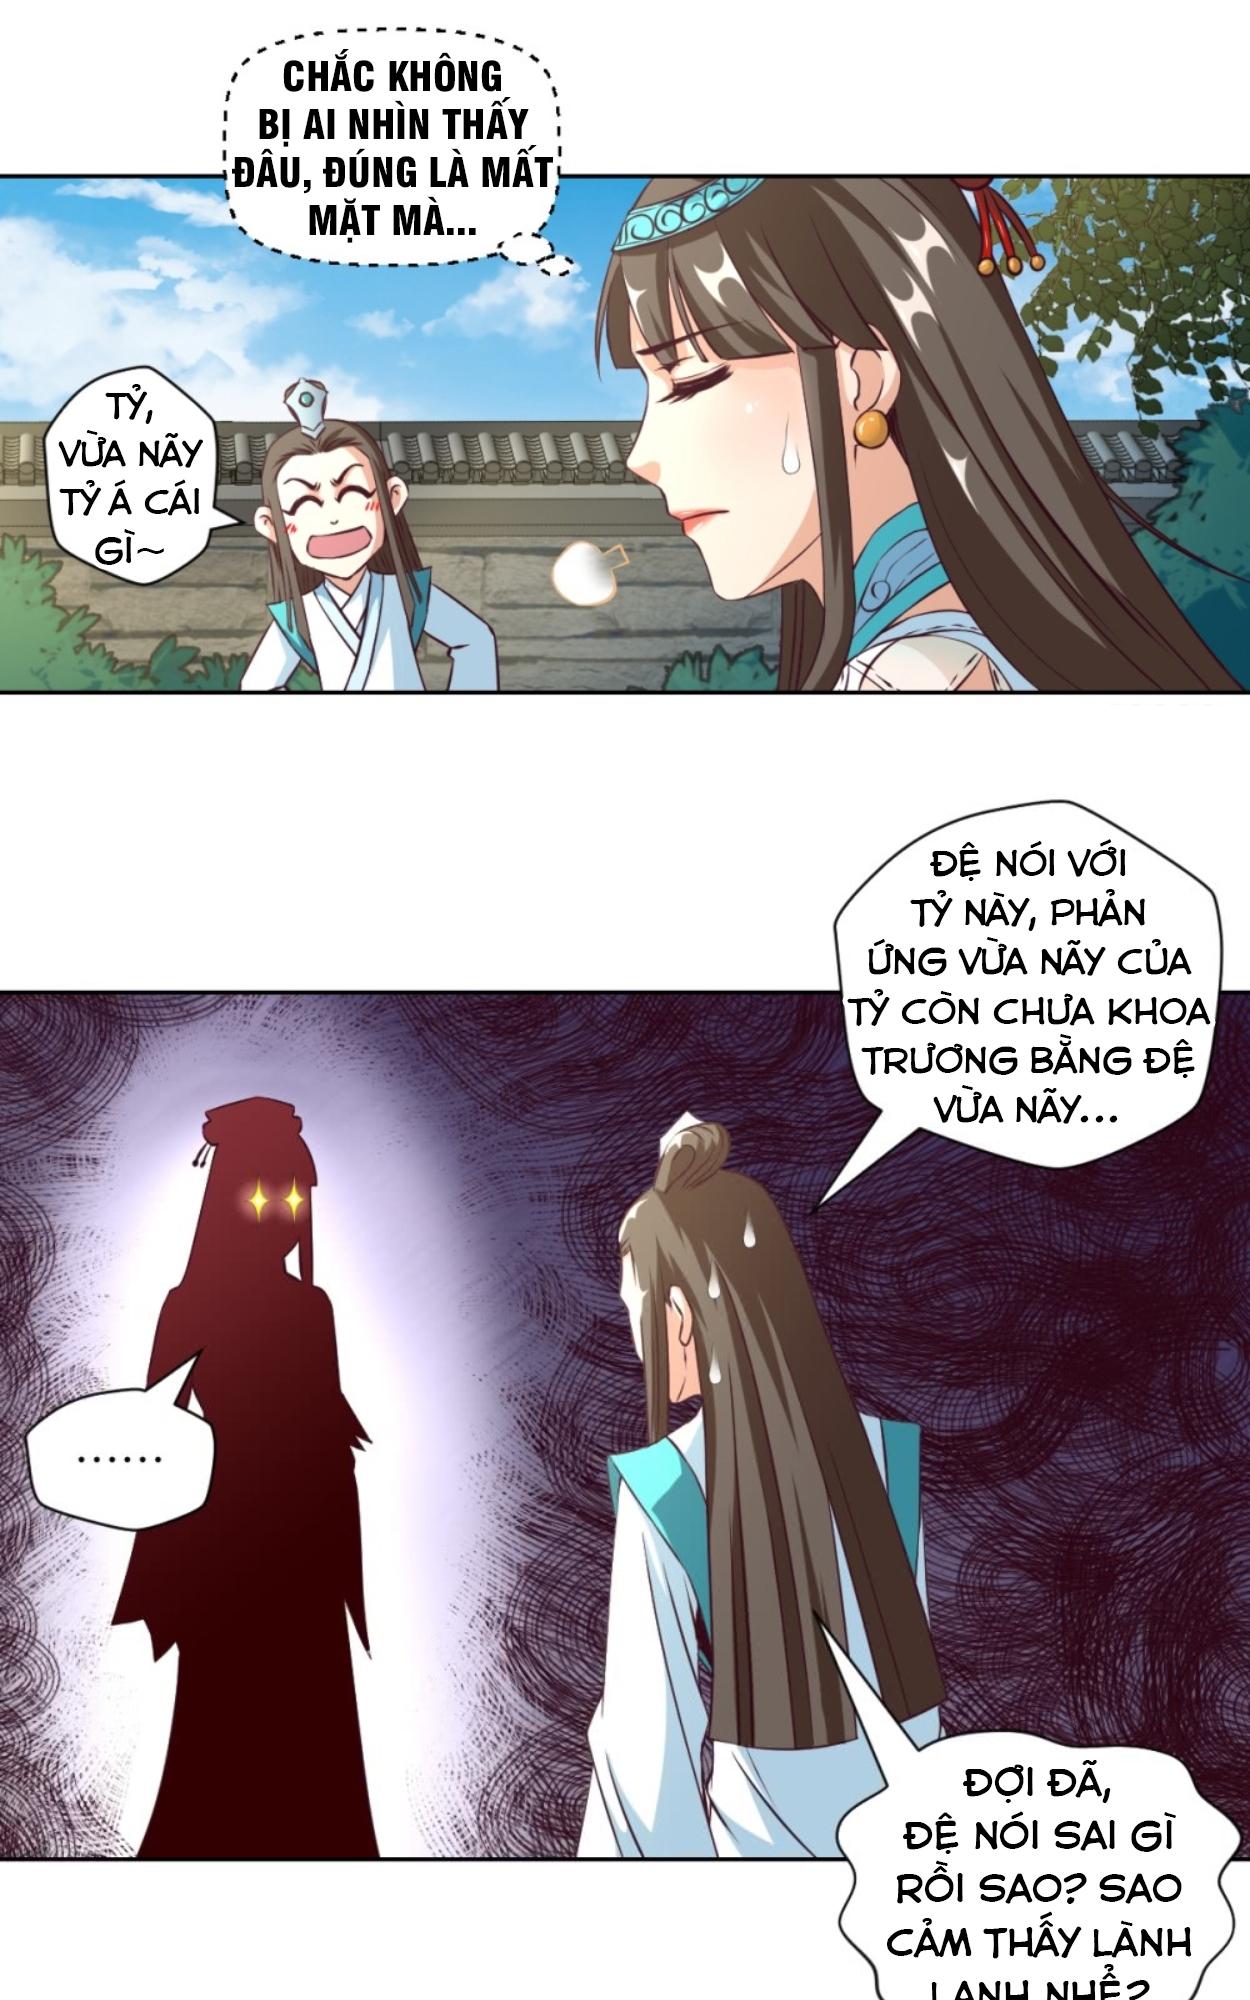 Chiếm Cái Đỉnh Núi Làm Đại Vương chap 16 - Trang 13